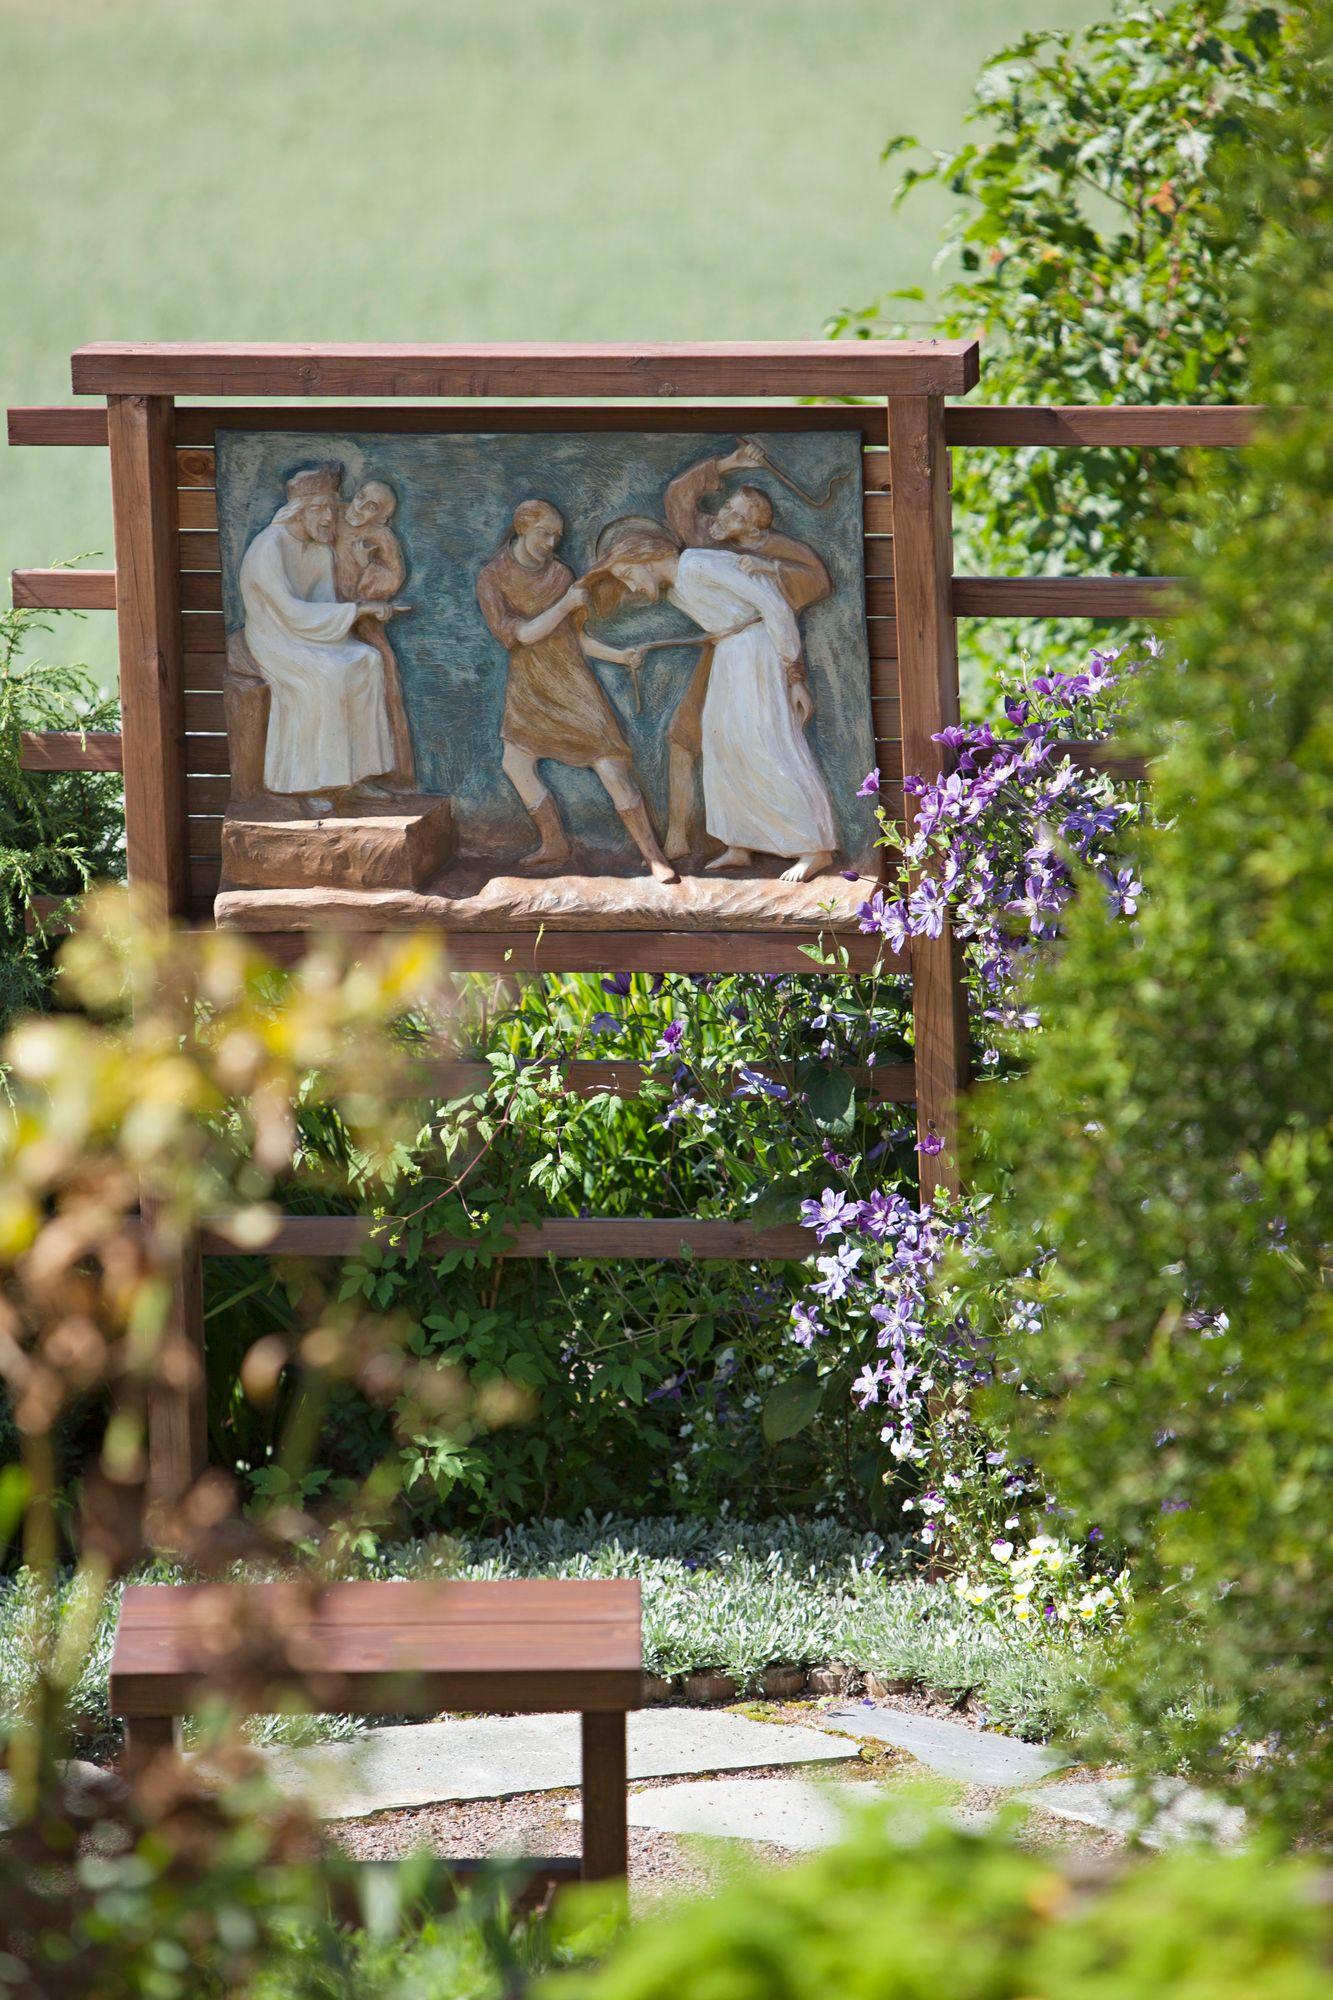 Rukouspuutarhassa kuvataan Jeesuksen ylösnousemuksen tie. © Sini-Marja Niska